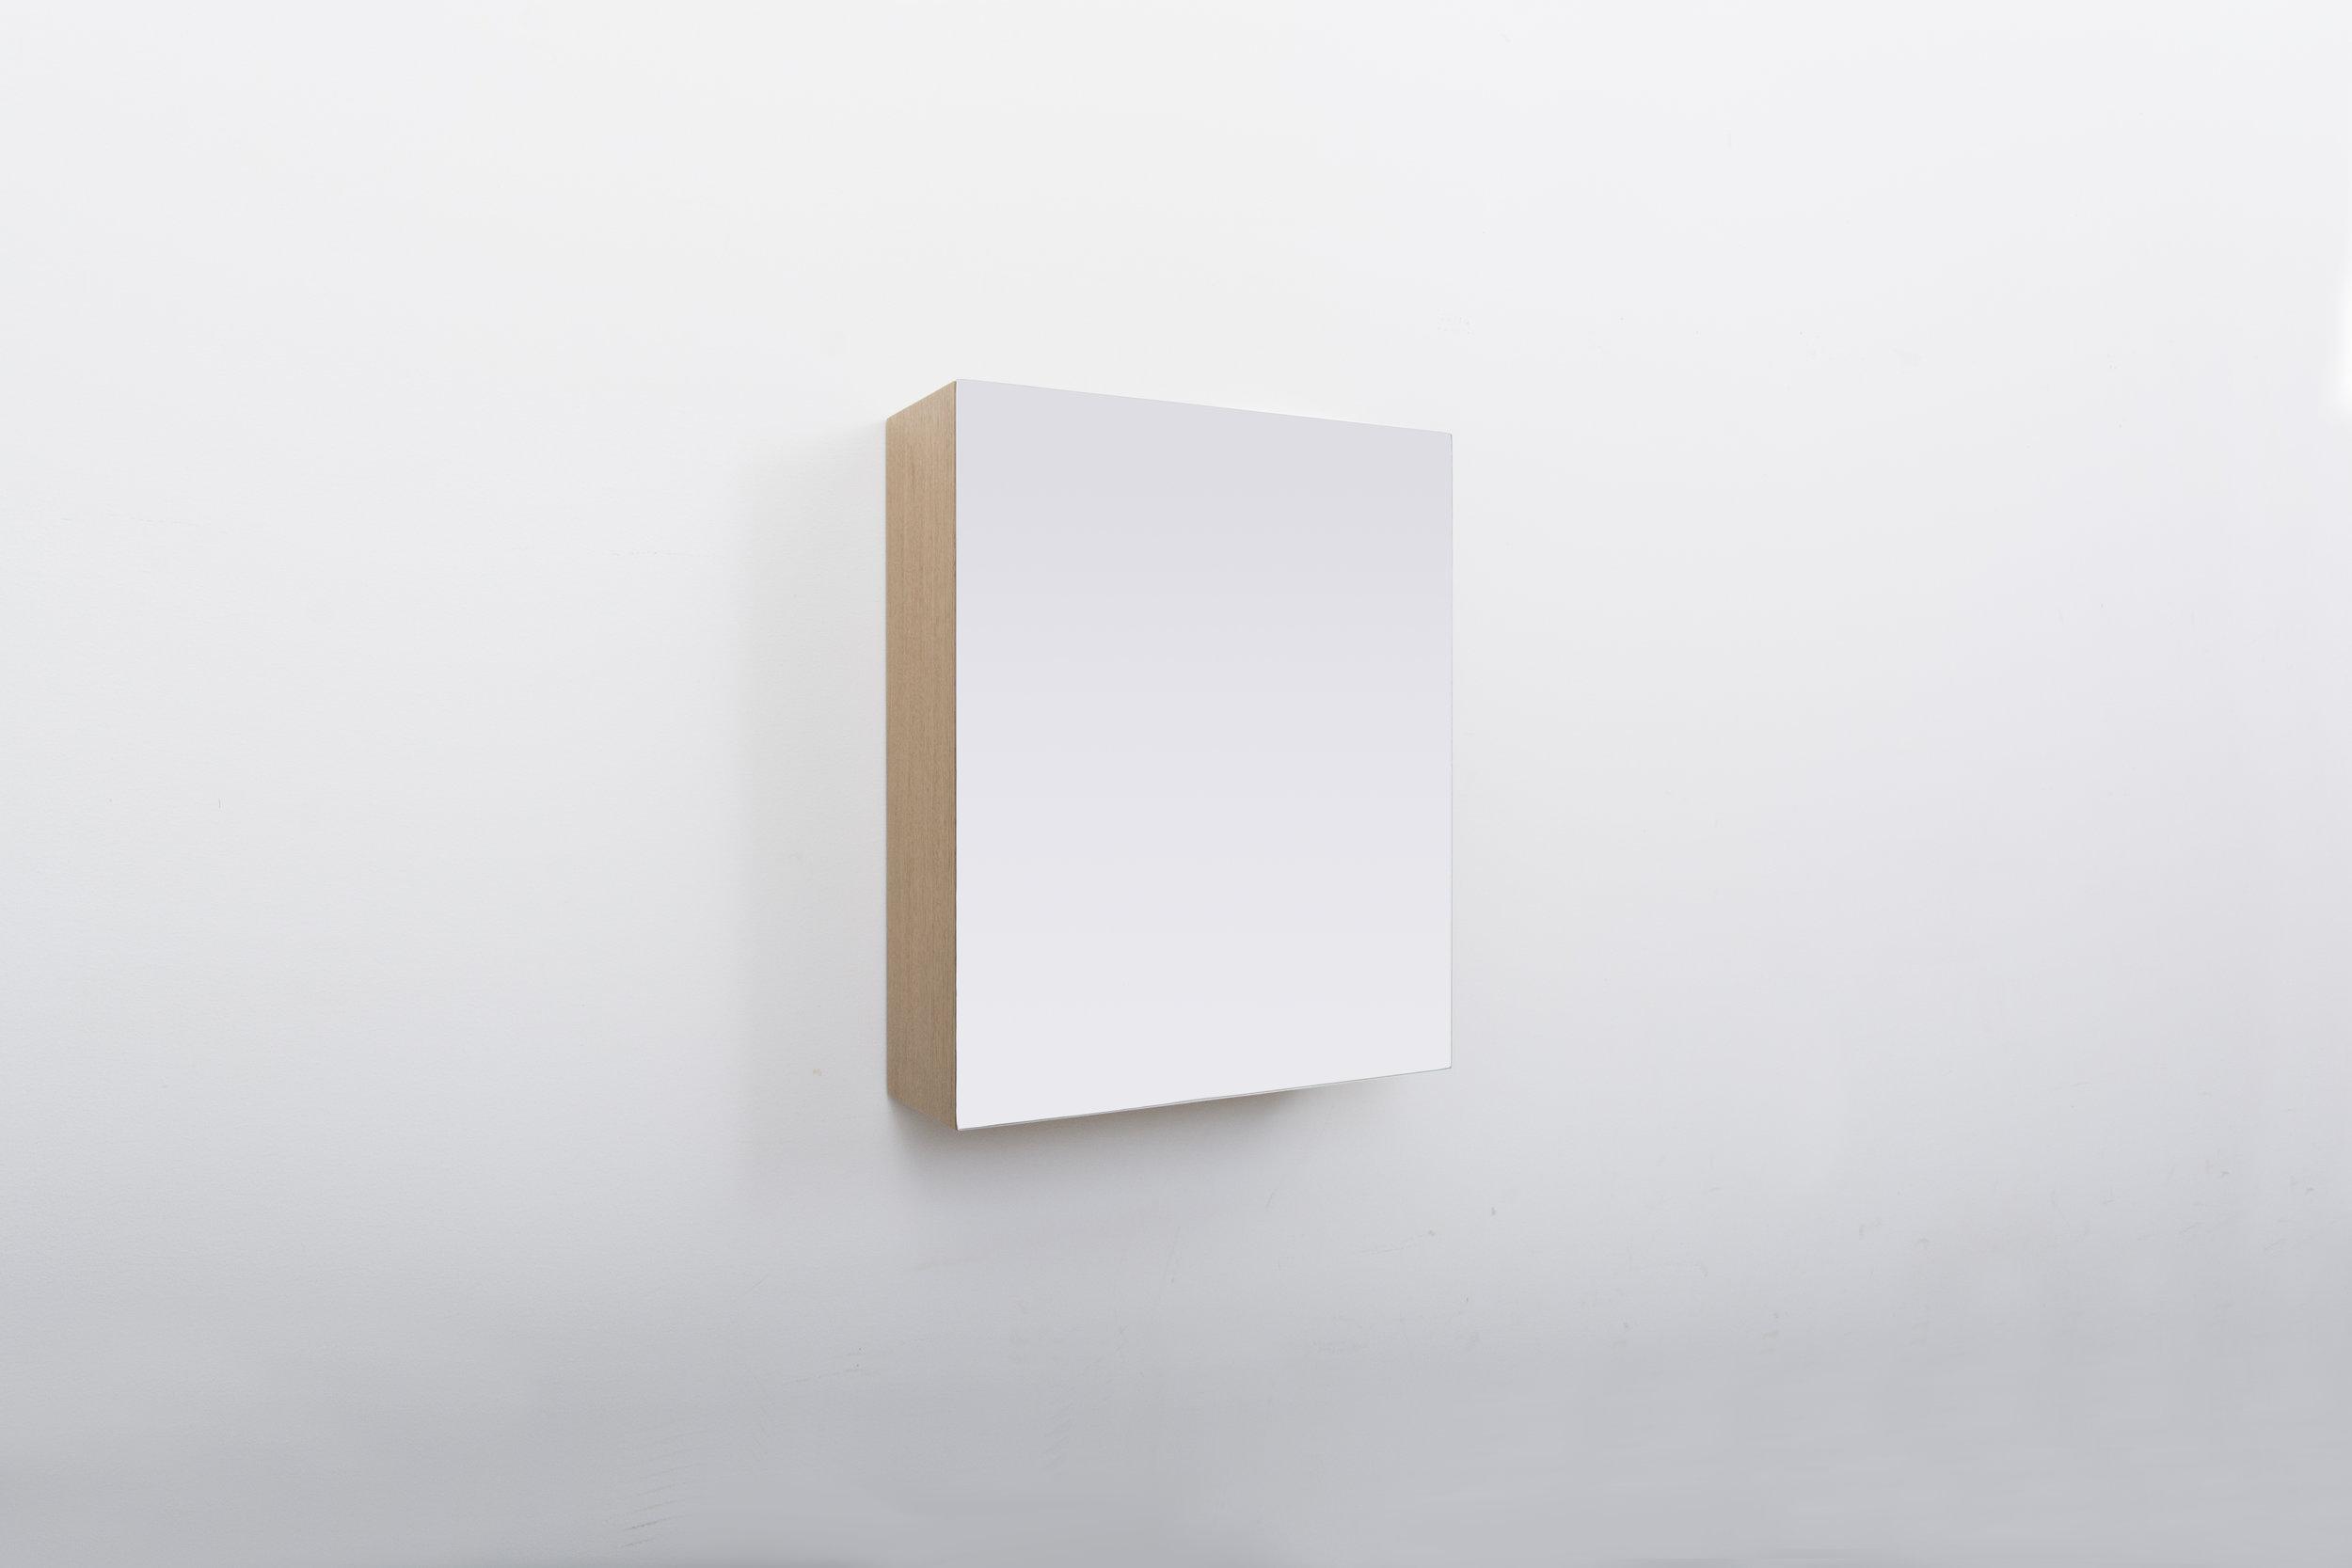 tl mirror box 2.jpg